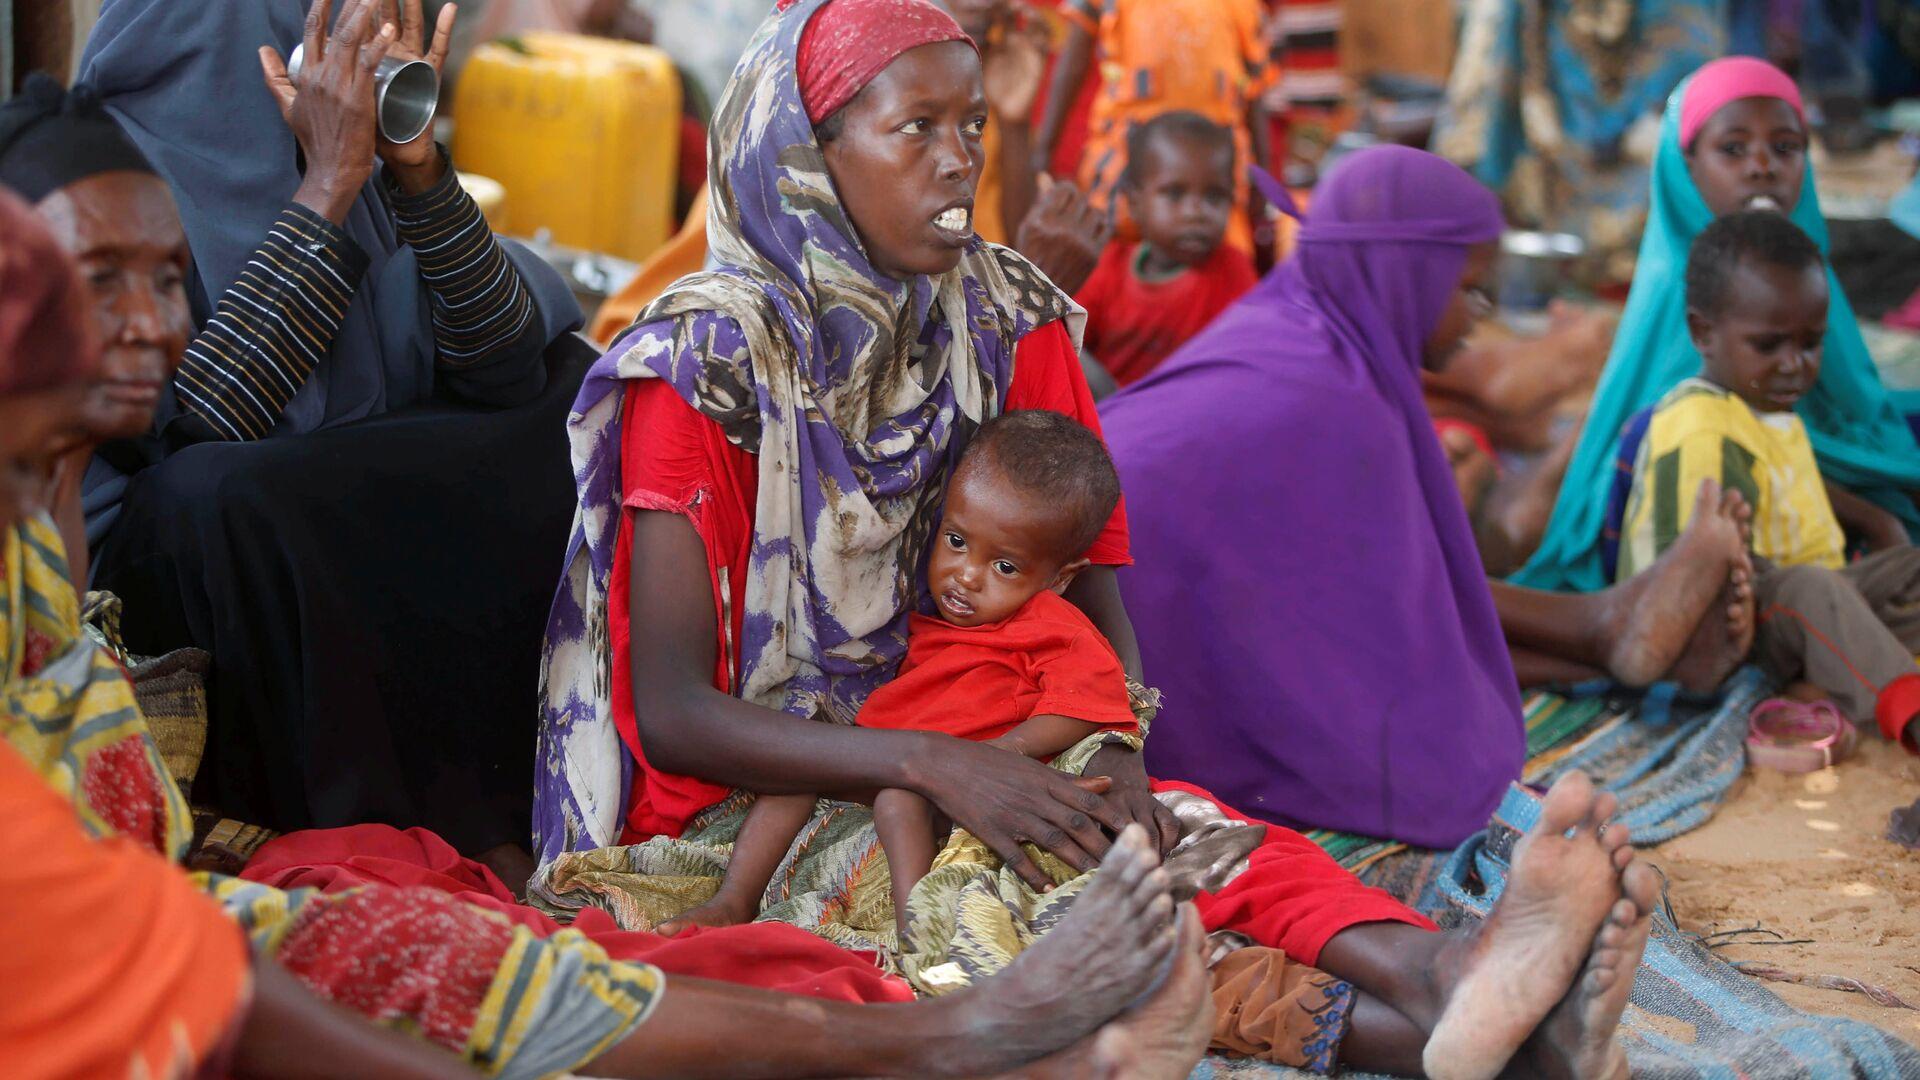 Женщины с детьми в лагере в столице Сомали городе Могадишо - Sputnik Latvija, 1920, 13.03.2021